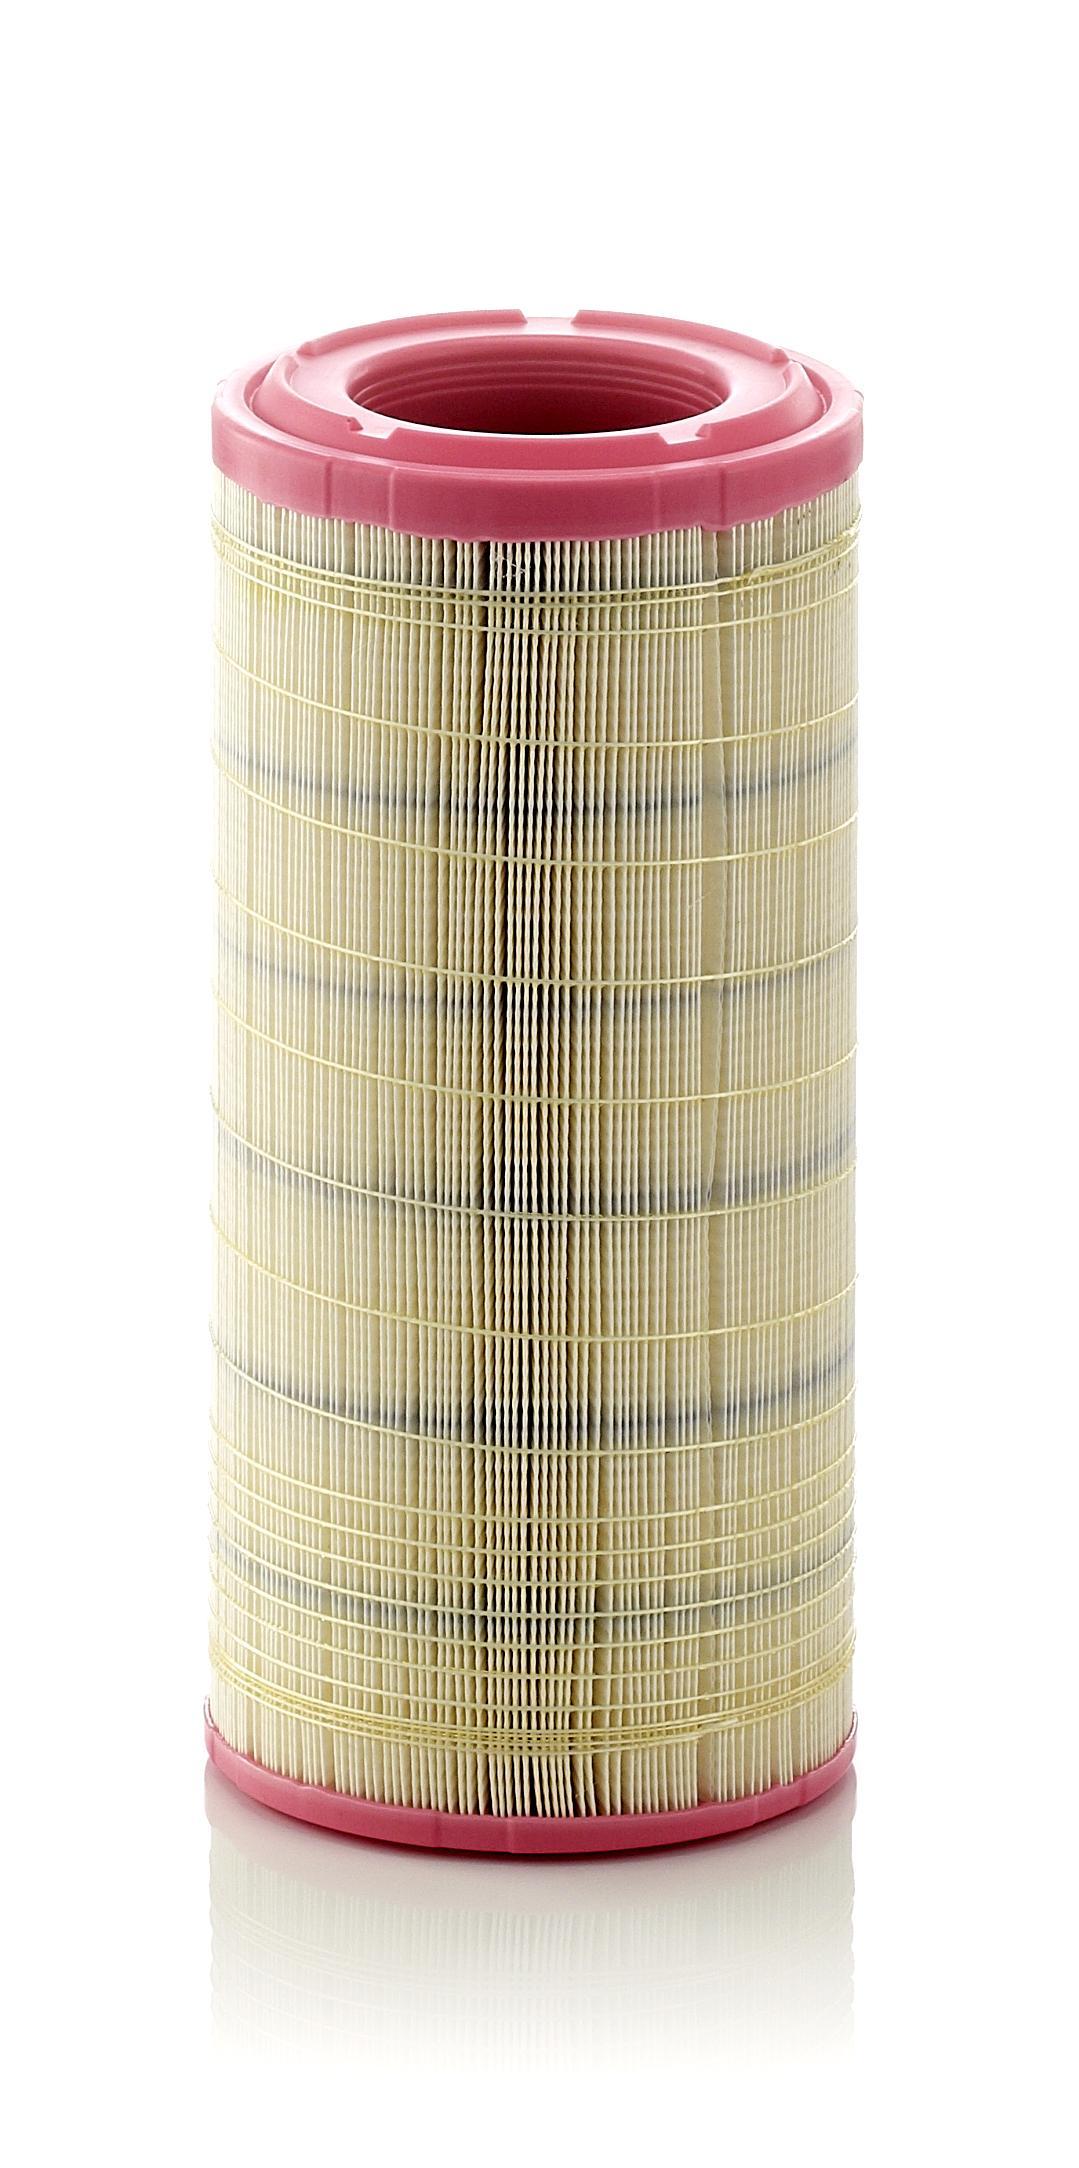 C 17 337/2 Luftfilter MANN-FILTER in Original Qualität